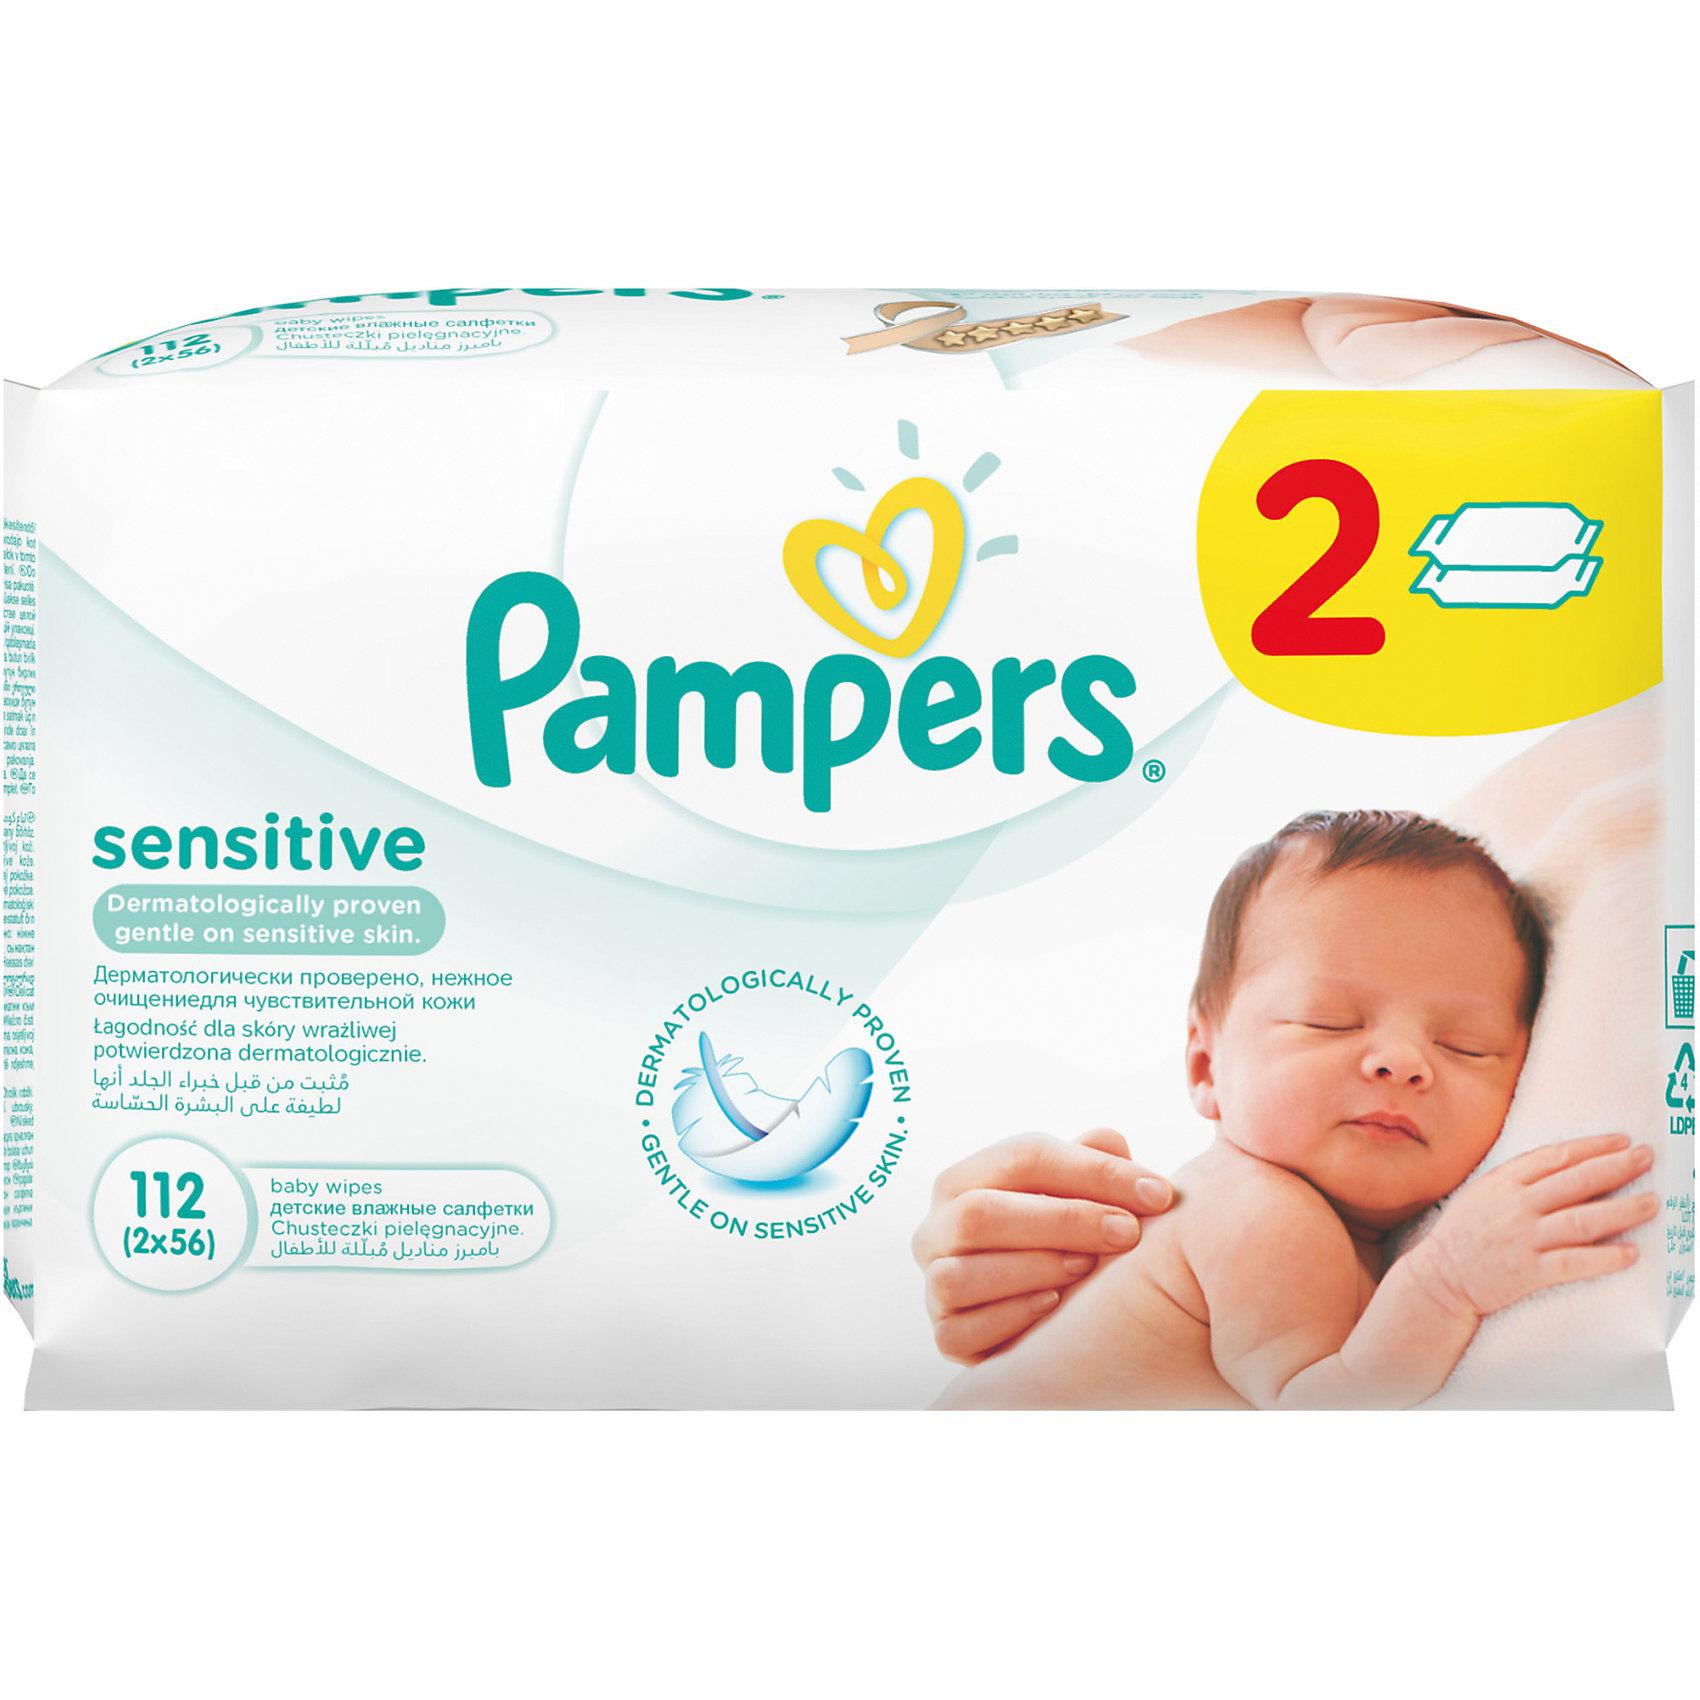 Салфетки детские влажные Pampers  Sensitive,  112 шт., PampersВлажные салфетки<br>Характеристики:<br><br>• Пол: универсальный<br>• Тип салфеток: одноразовые<br>• Вид салфеток: влажные<br>• Коллекция: Sensitive<br>• Предназначение: для гигиены<br>• Количество в упаковке: 112 шт.<br>• Материал салфеток: 100% целлюлоза<br>• Состав лосьона: 95% вода, 5% экстракт натуральных масел<br>• Упаковка: полиэтиленовая упаковка с клапаном многоразового использования<br>• Размер упаковки: 18,4*9,1*9,8 см<br>• Вес в упаковке: 972 г<br>• Уплотненная текстура салфеток<br>• Поддерживает естественный ph уровень<br>• Мягкий верхний слой SoftGrip<br>• Не содержат отдушек и спирта<br>• Прошли дерматологические тестирования<br><br>Салфетки детские влажные Pampers Sensitive, 112 шт., Pampers – это линейка детских гигиенических салфеток от Pampers, предназначенных для ухода за нежной кожей новорожденных и младенцев. Салфетки выполнены из 100% целлюлозы, имеют мягкий верхний слой SoftGrip, который не раздражает кожу ребенка во время процедур, при этом хорошо удерживает влагу. <br><br>Изделия пропитаны лосьоном, состоящим из 95% воды и 5% экстракта натуральных масел, что делает эти салфетки гипоаллергенными. Благодаря своему составу салфетки можно использовать для чувствительной кожи. Салфетки упакованы в полиэтиленовую упаковку и защитным клапаном, который обеспечивает длительное сохранение их очищающих свойств и защищает от высыхания.<br><br>Салфетки детские влажные Pampers Sensitive, 112 шт., Pampers можно купить в нашем интернет-магазине.<br><br>Ширина мм: 184<br>Глубина мм: 91<br>Высота мм: 98<br>Вес г: 972<br>Возраст от месяцев: 0<br>Возраст до месяцев: 36<br>Пол: Унисекс<br>Возраст: Детский<br>SKU: 5419093